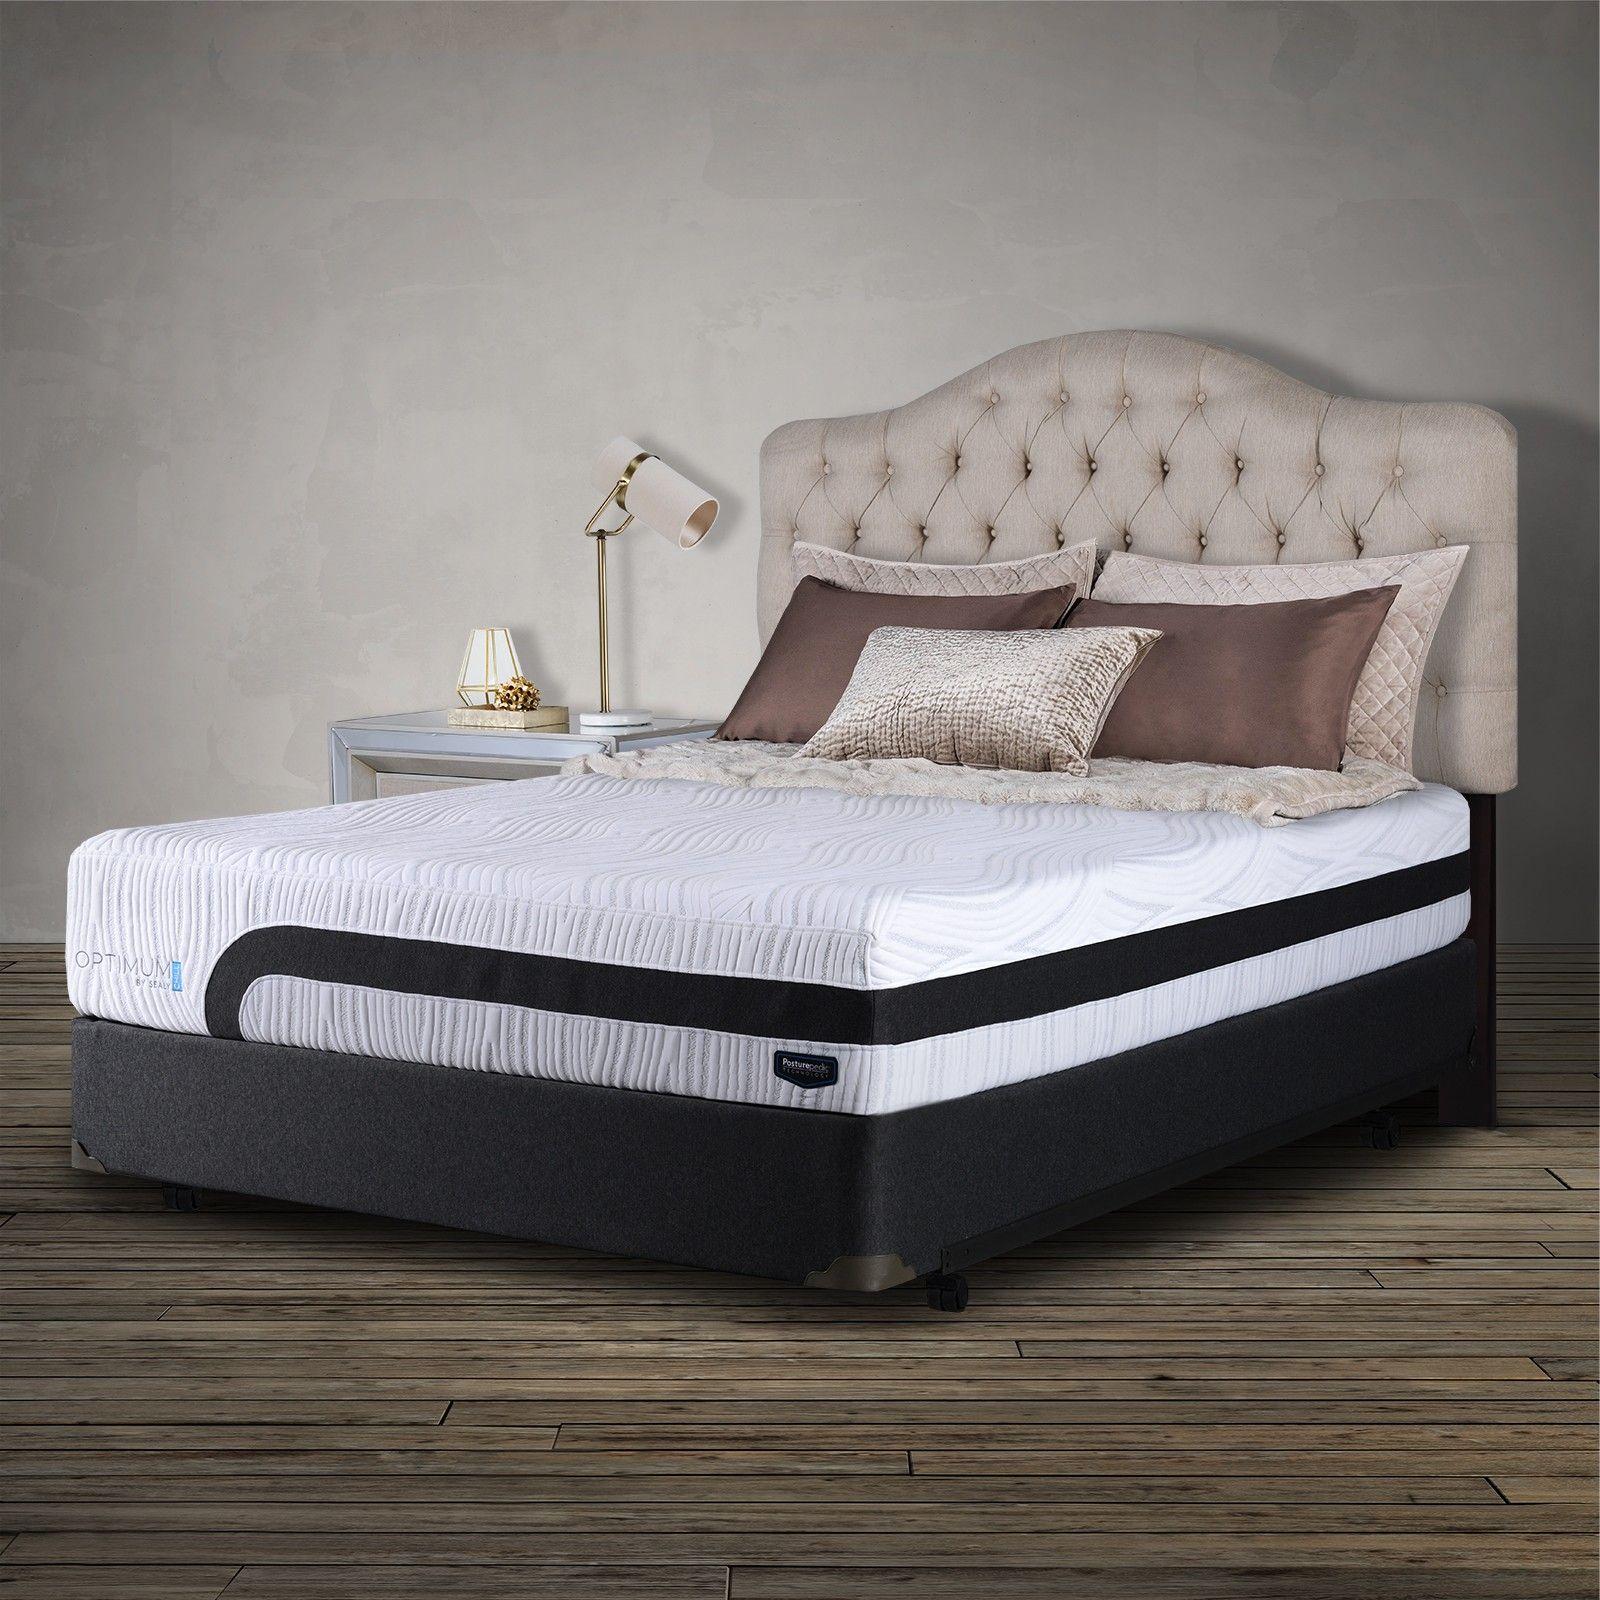 Twin Schaum Matratze Gunstigen Doppel Betten Mit Matratze